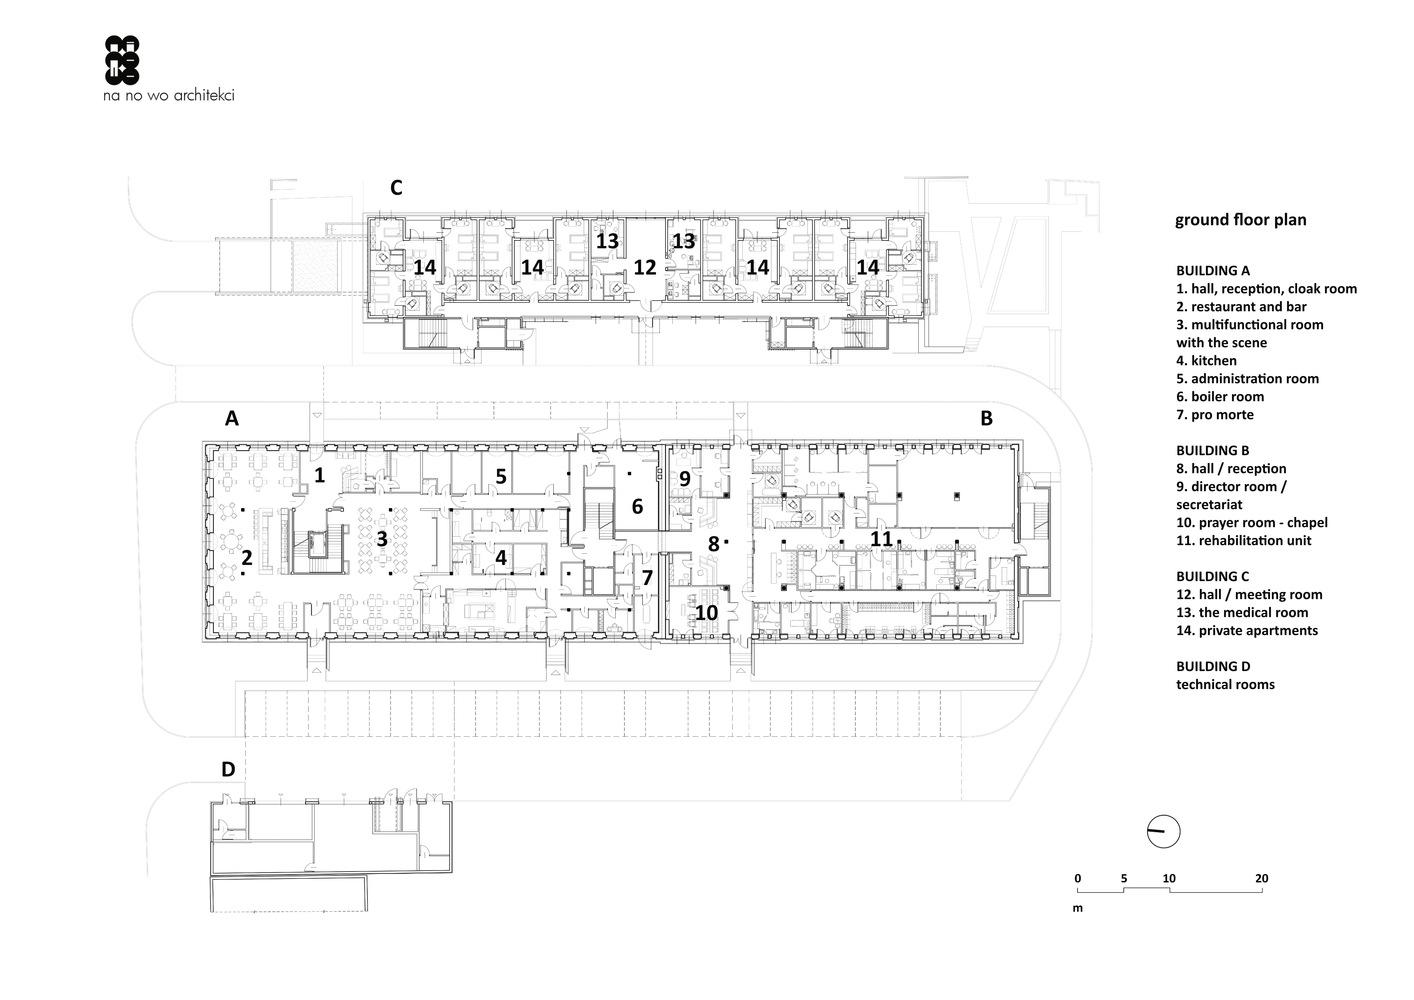 hight resolution of leszczynski antoniny manor intervention na no wo architekci